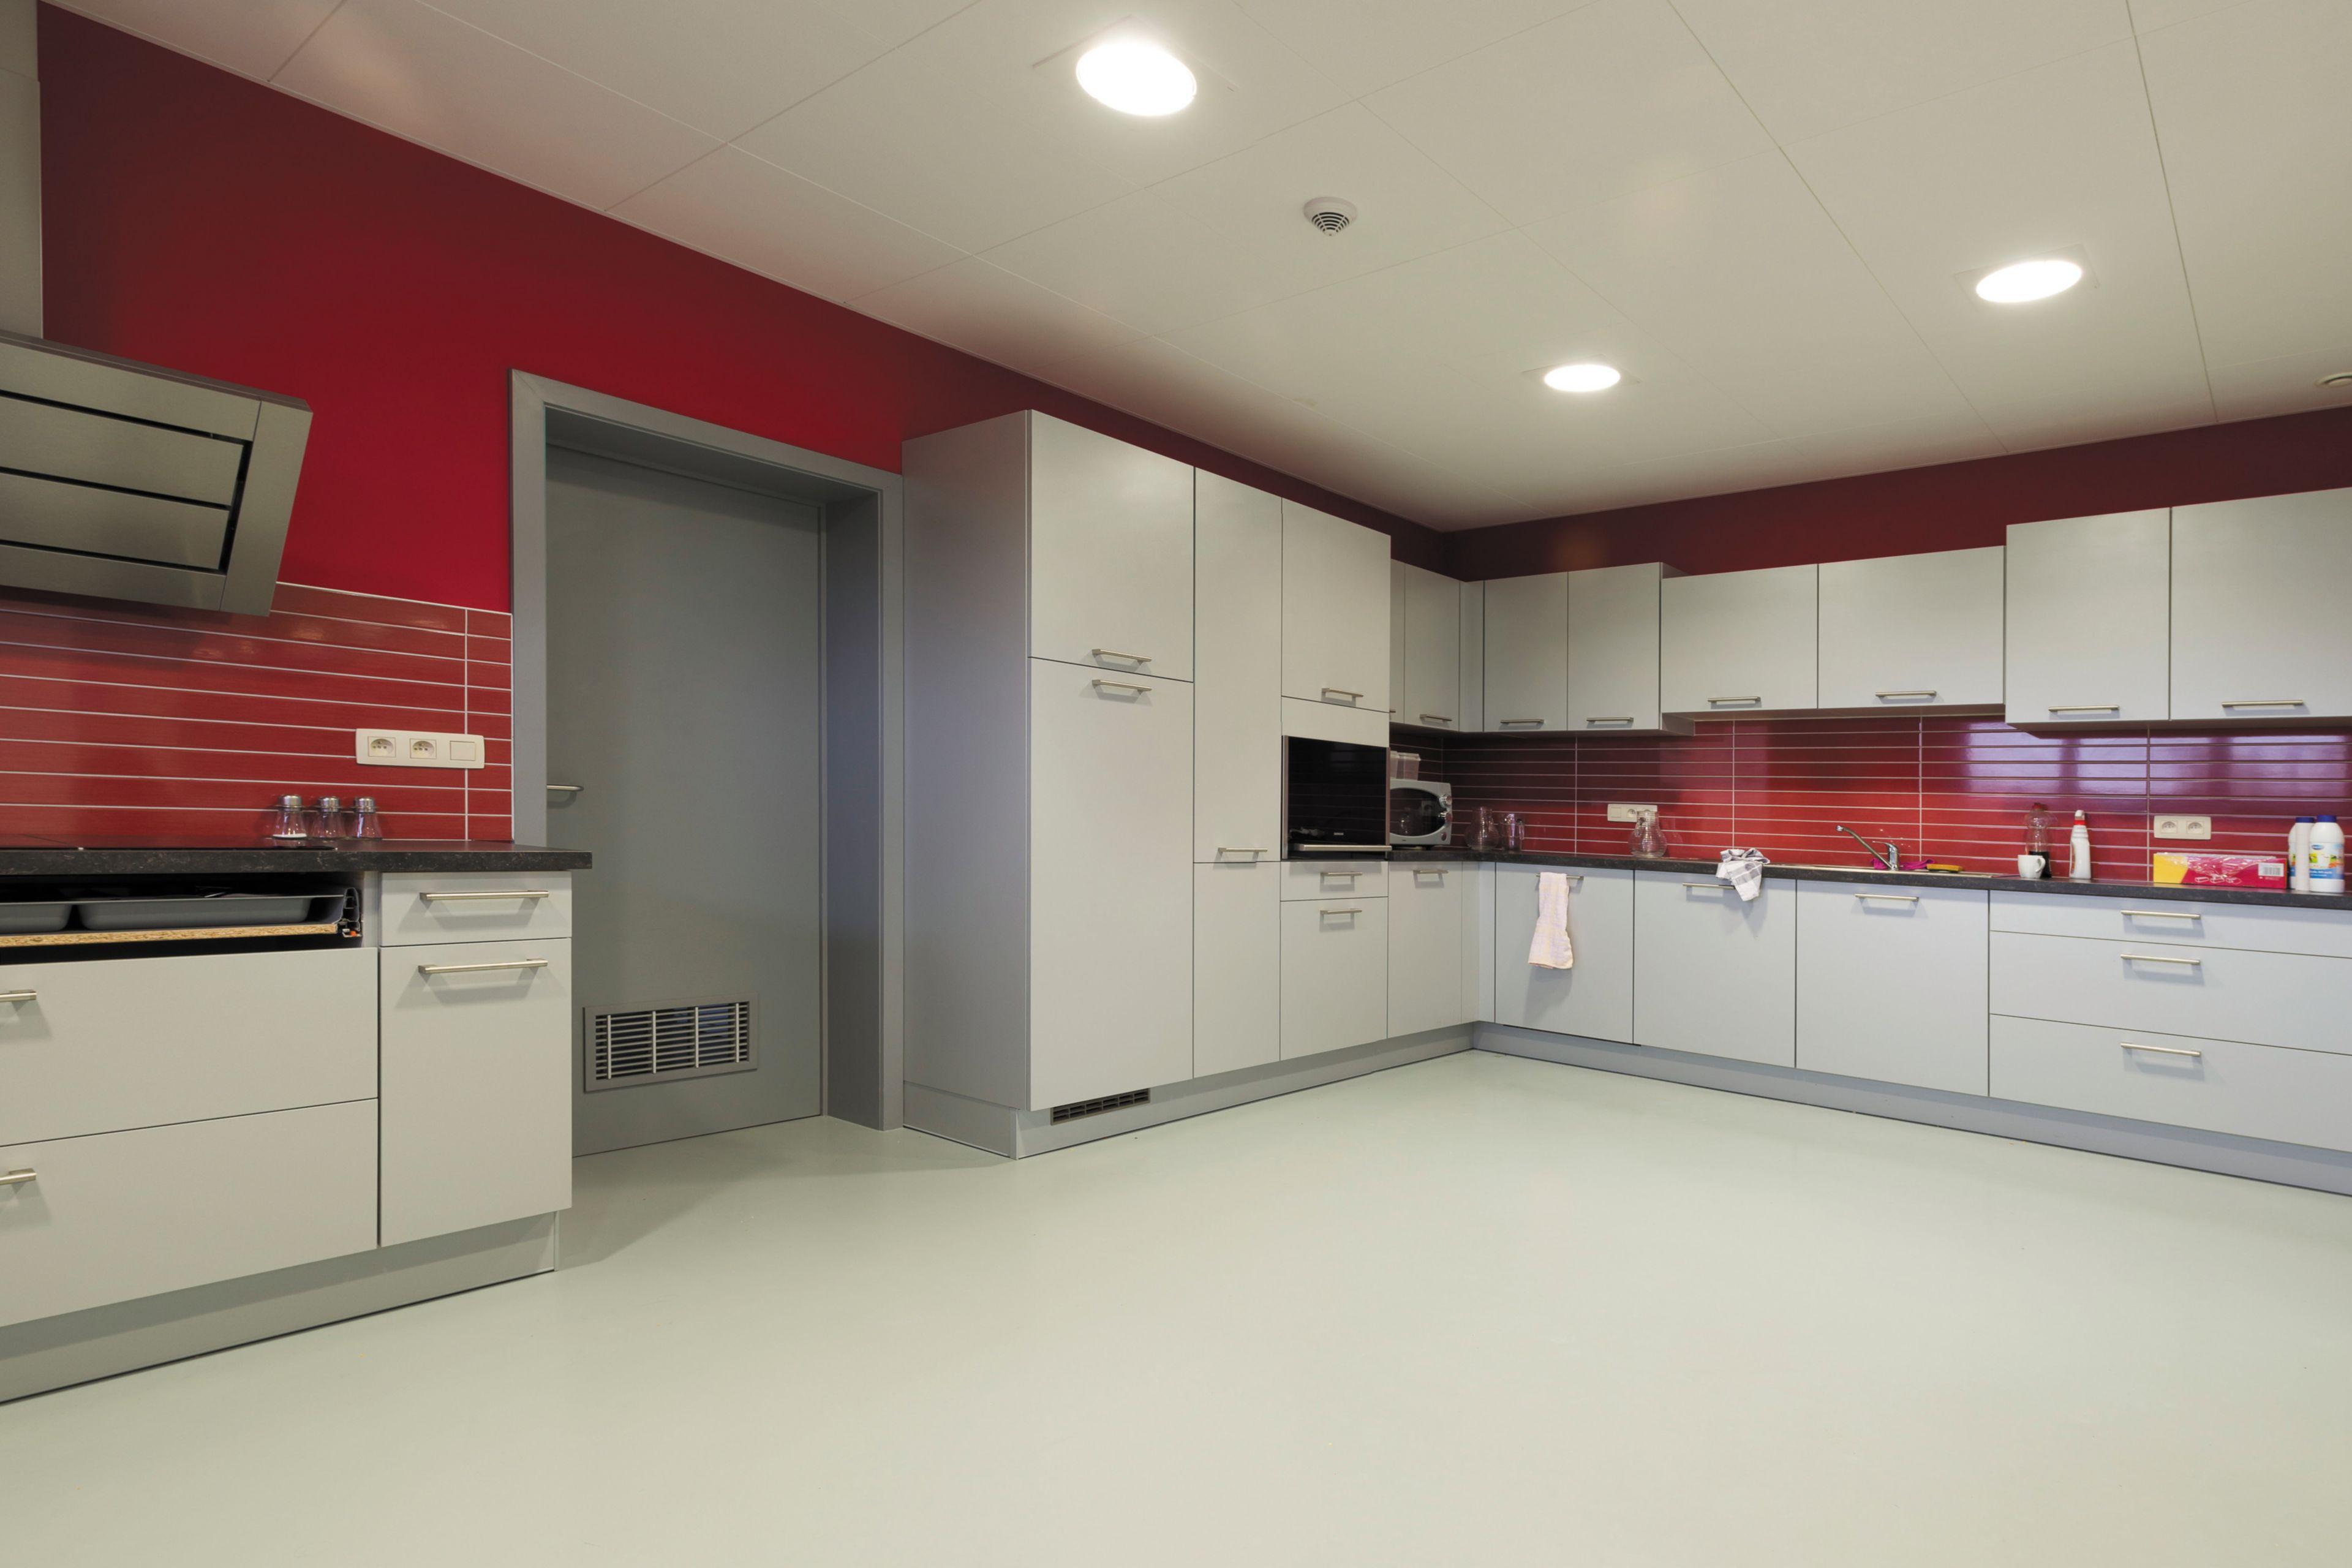 Sika ComfortFloor® grey floor in modern kitchen with red walls